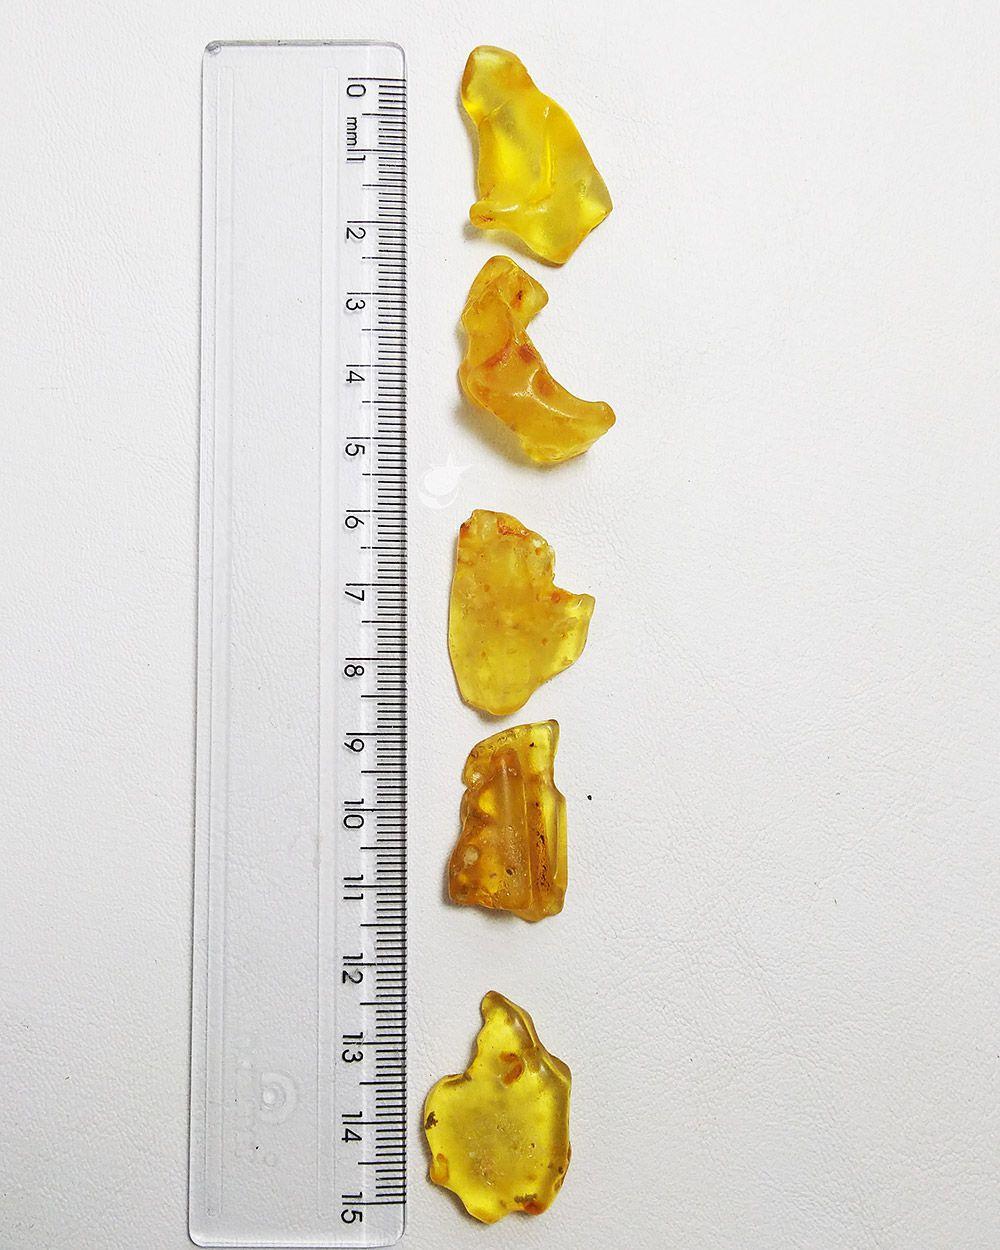 AMBAR BRUTO - UNIDADE - Média 2,5 A 3 cm